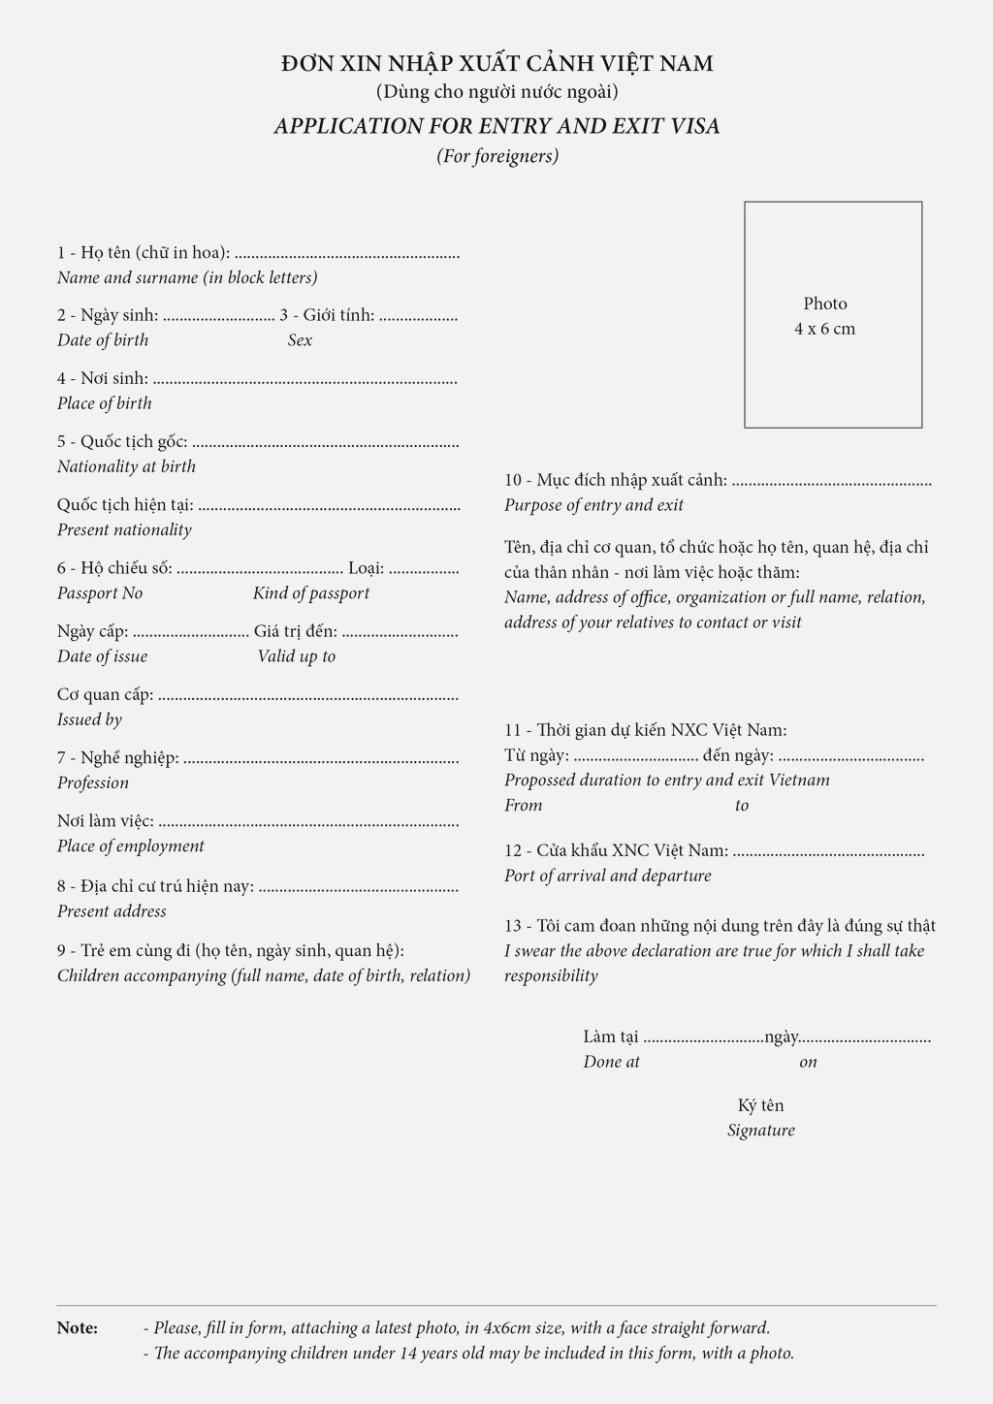 Vietnam Visa Application Form Questions